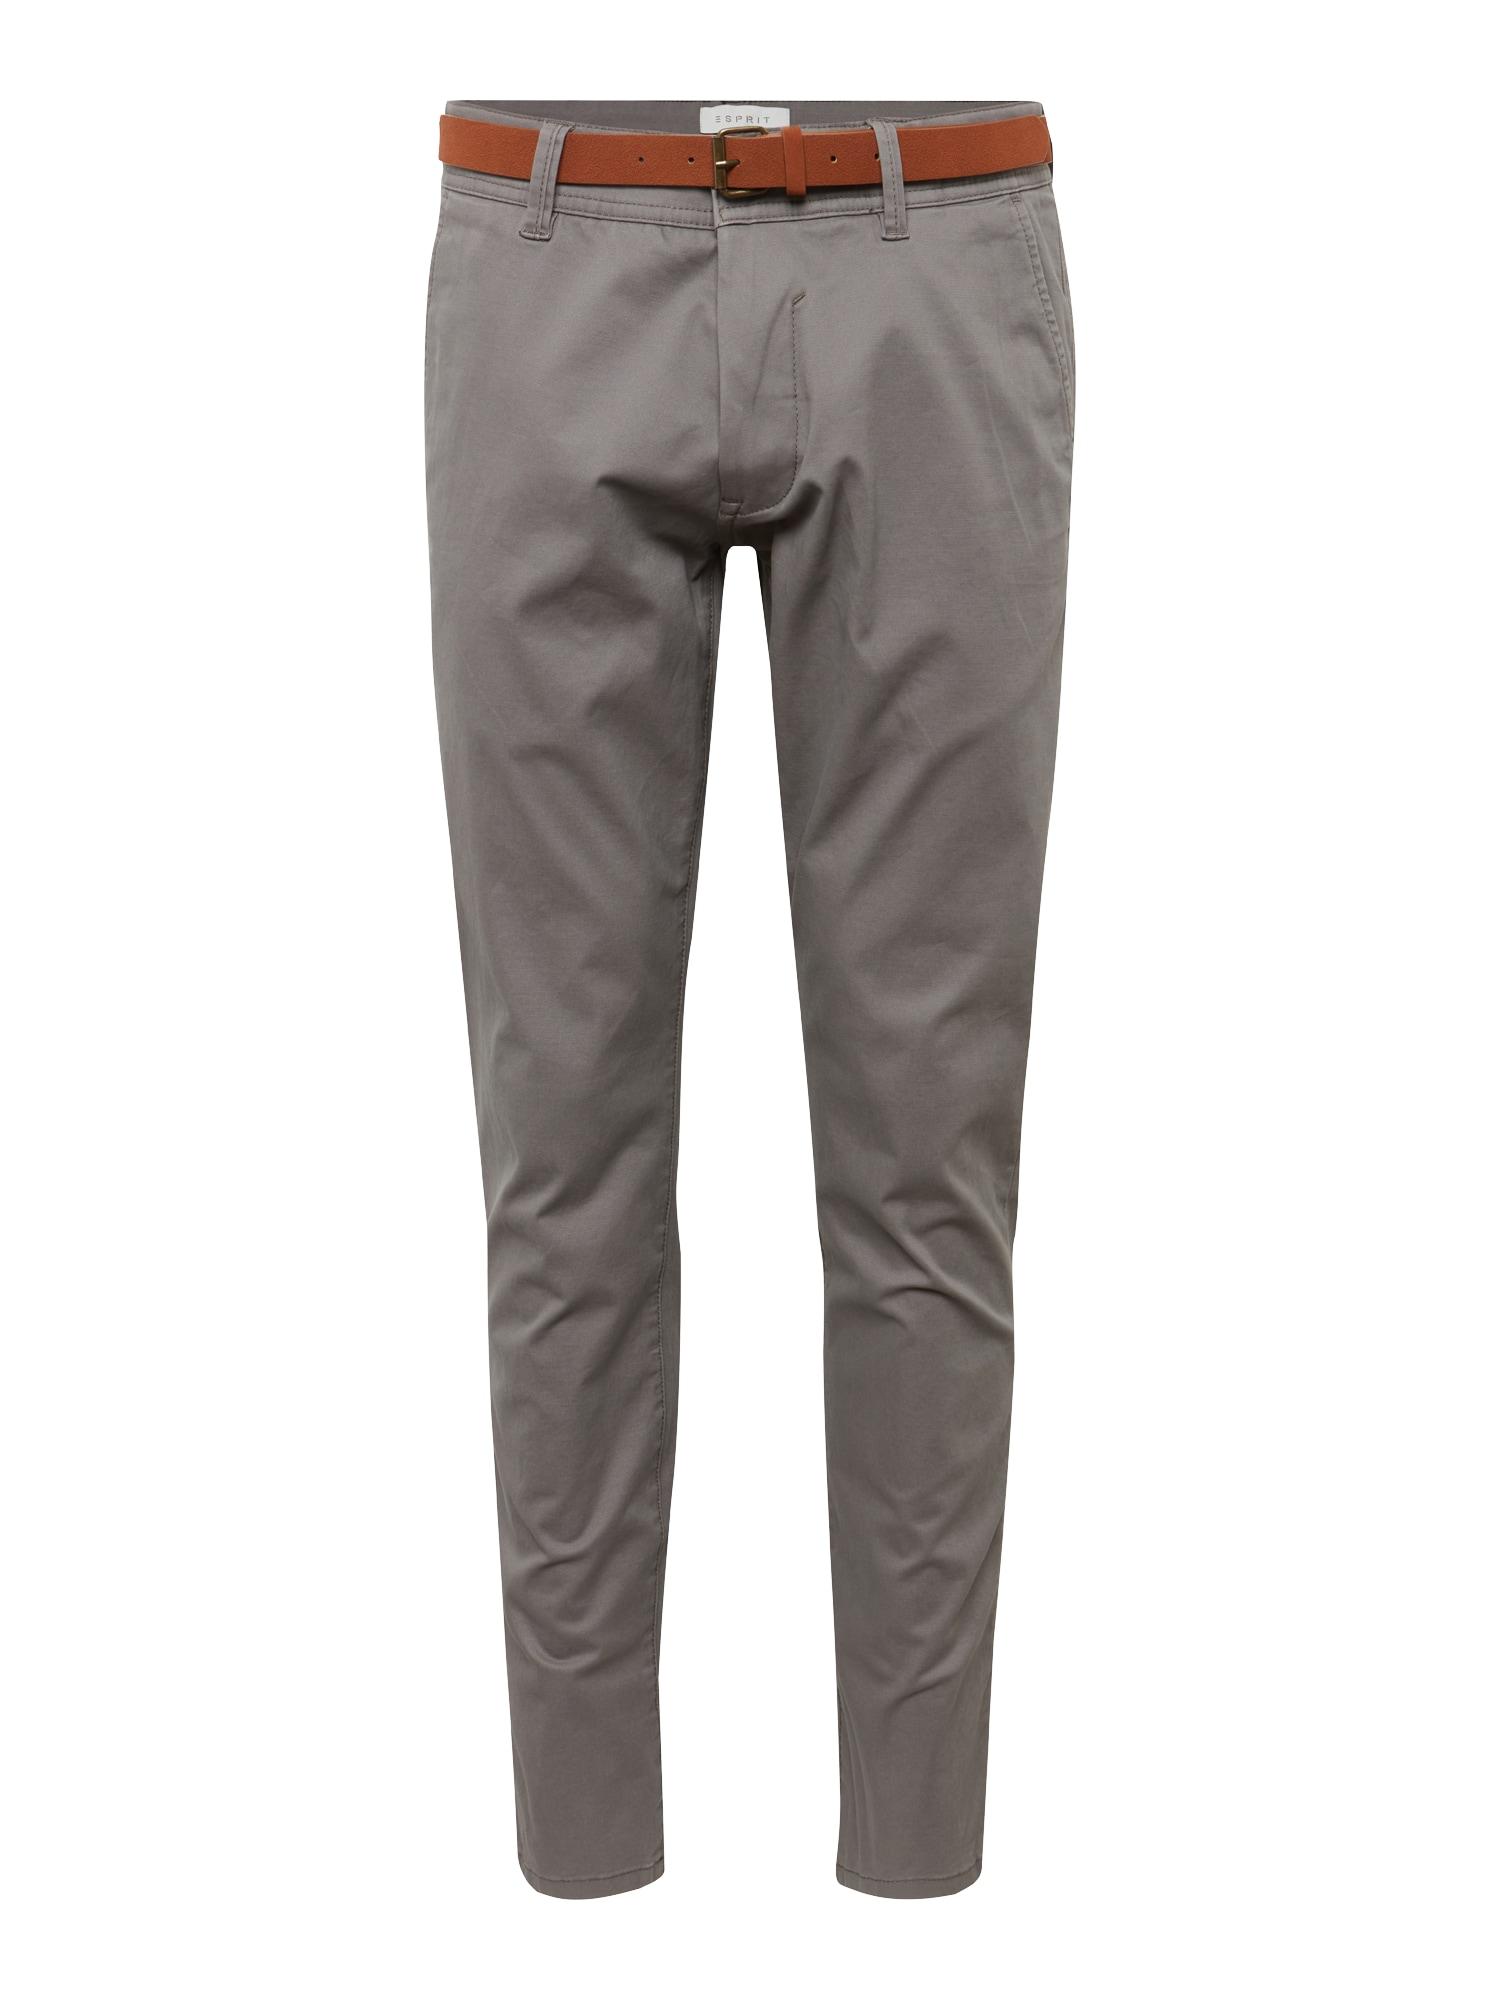 Chino kalhoty NOOS Chino šedá ESPRIT